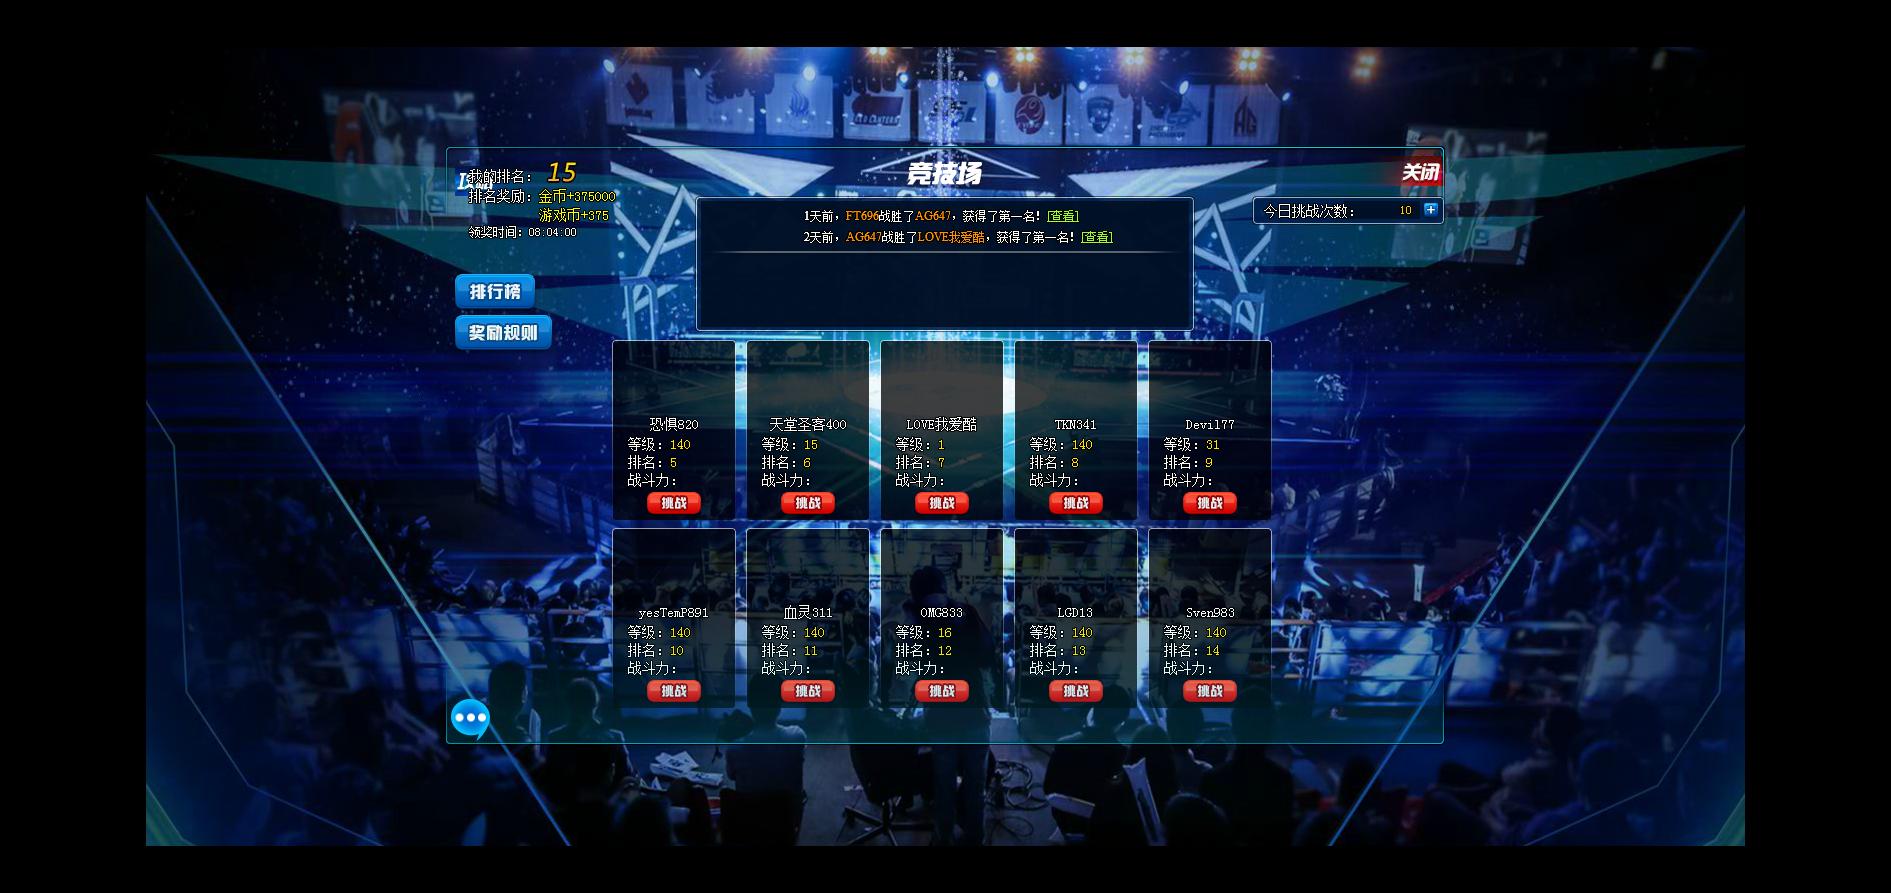 《热血电竞》竞技场系统介绍 奖励有什么